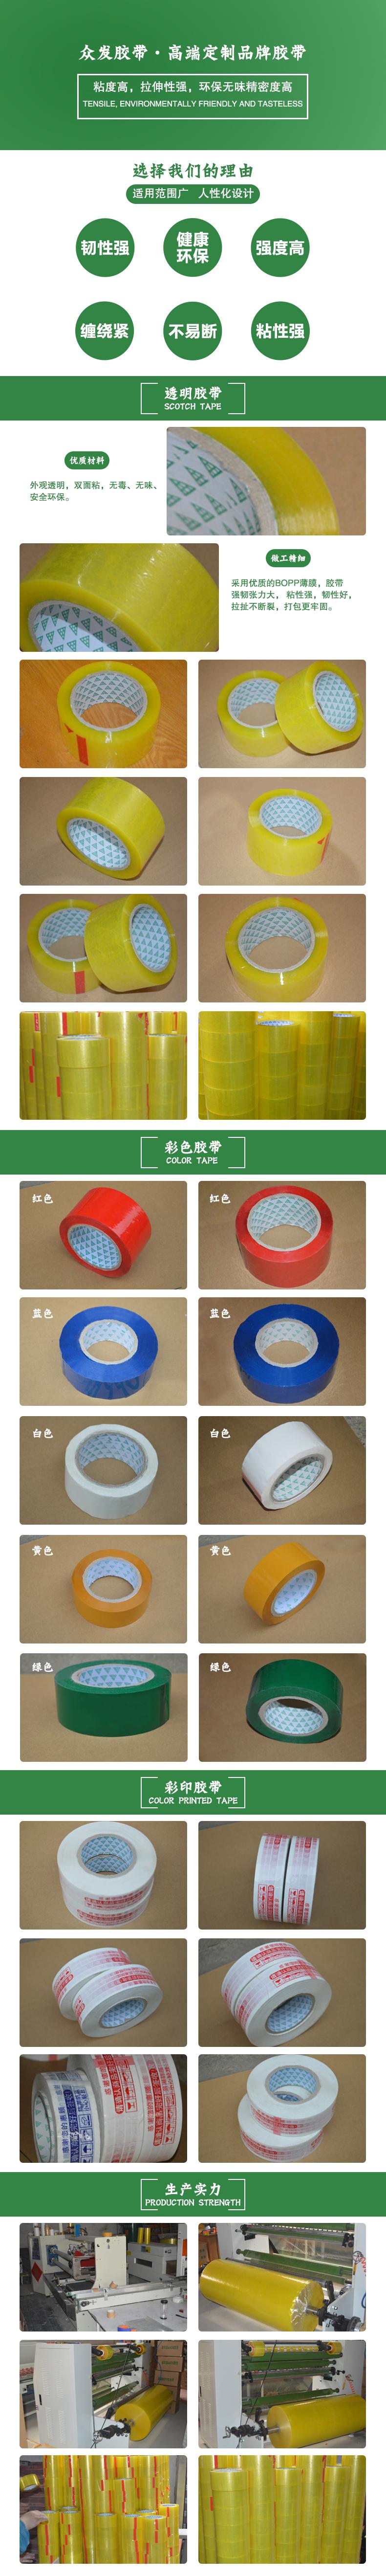 胶带批发厂家 彩色封口胶带质优价廉 规格齐全 量大优惠 全国直供 众发胶带